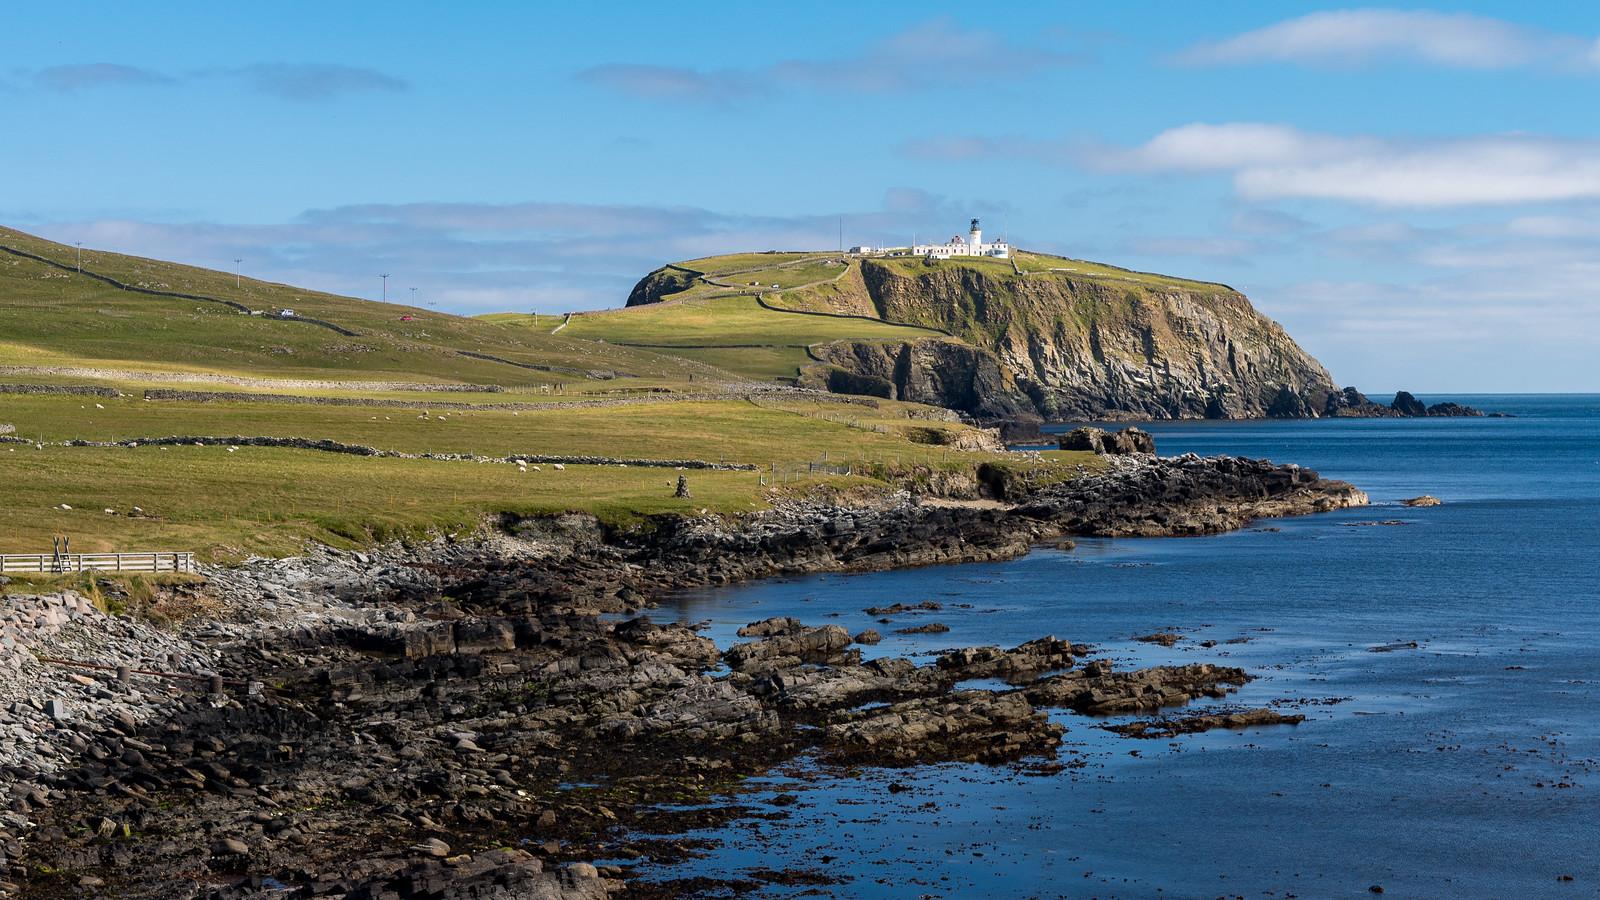 Sumbergh Head, Shetland Islands